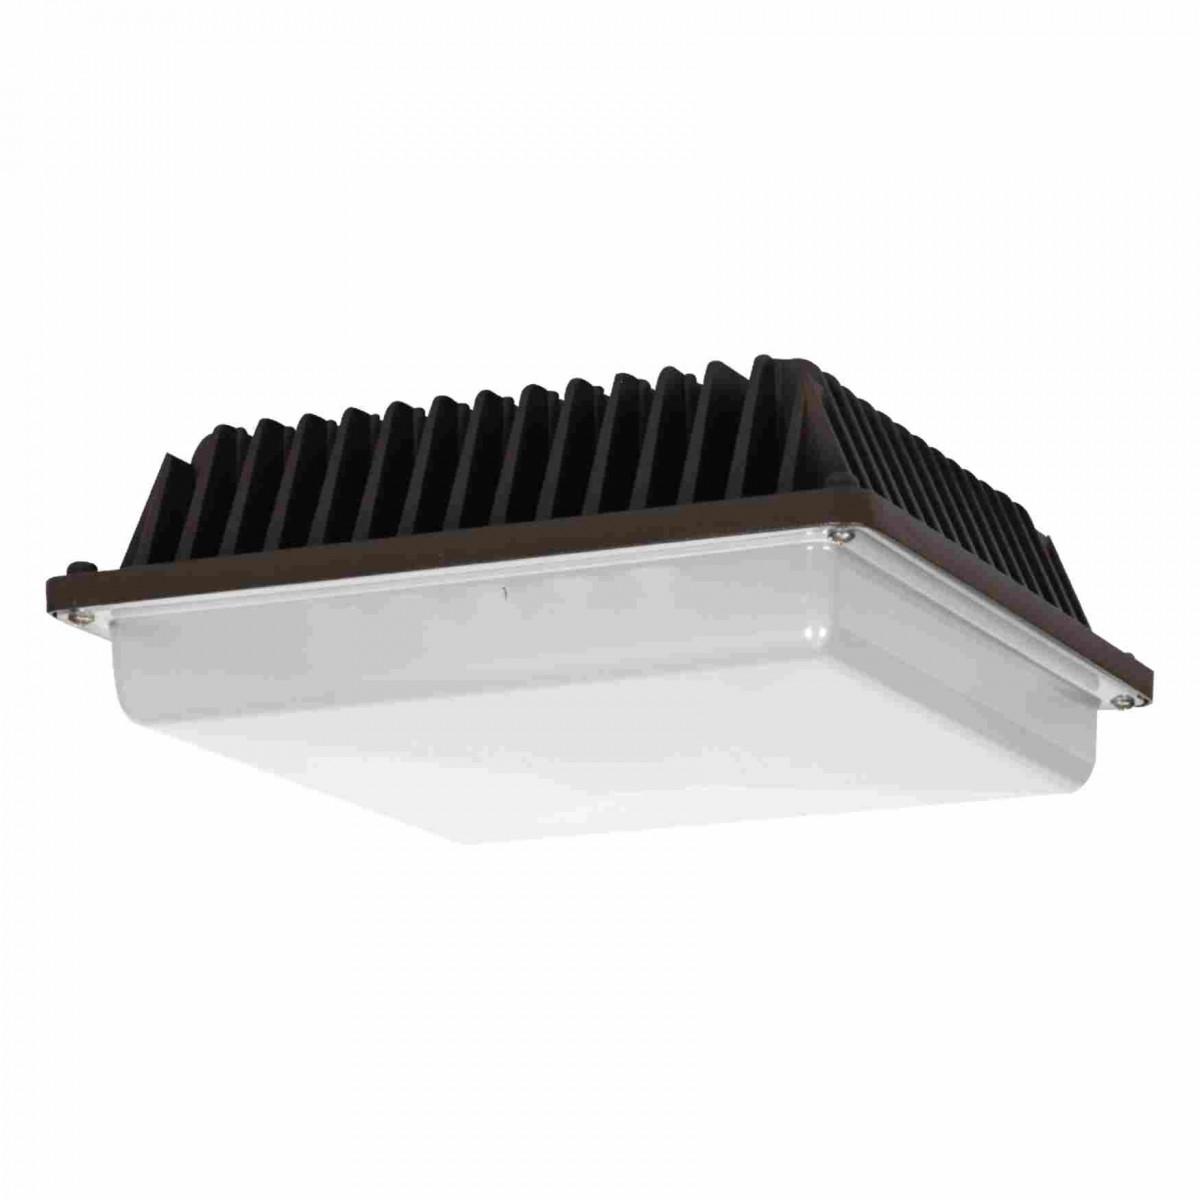 LCM4  sc 1 st  Orbit Industries & LCM4 - LED Canopy Lights - LED Lighting